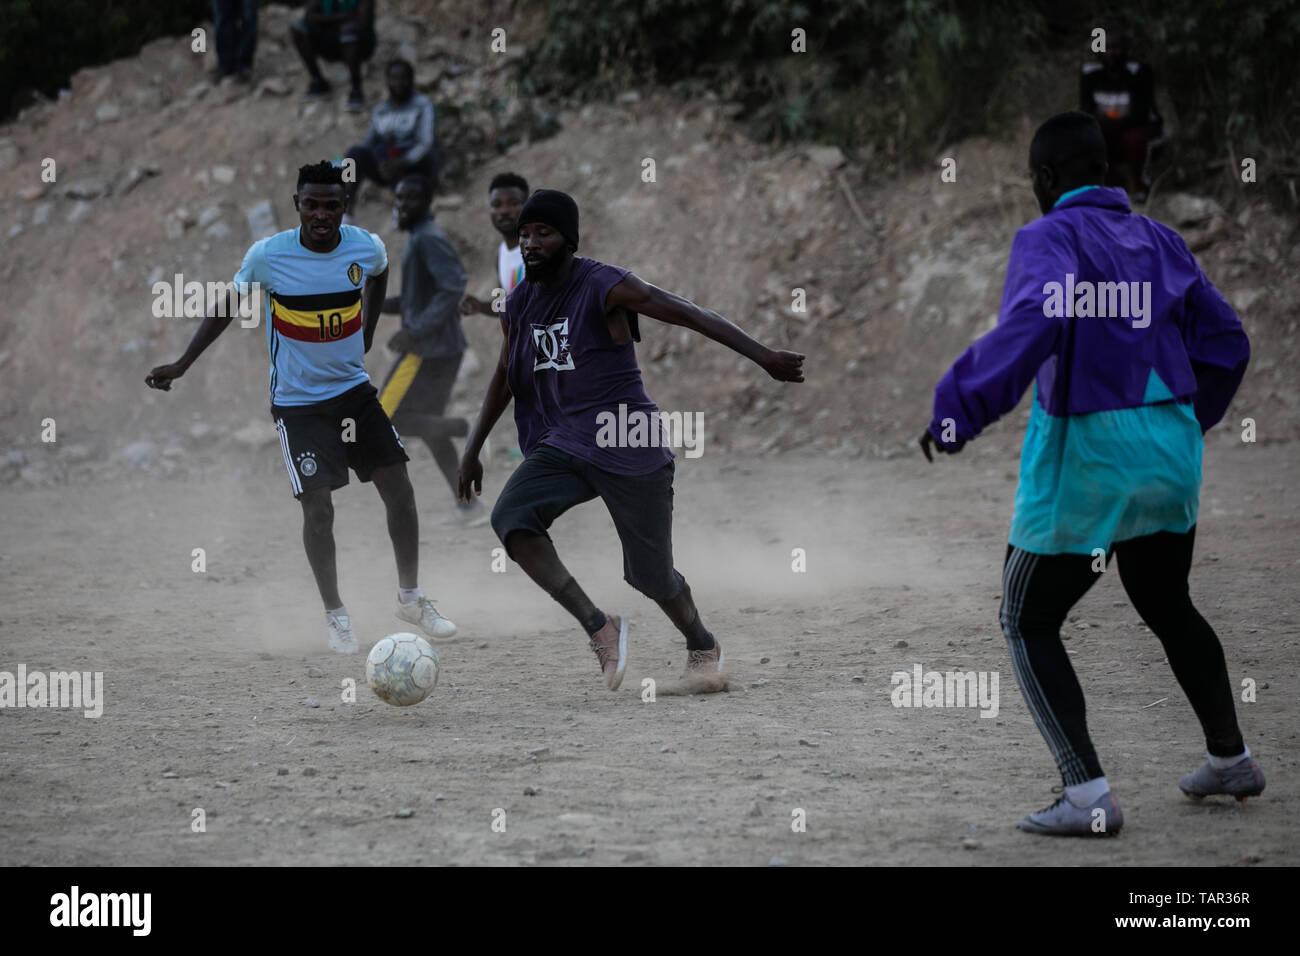 (190527) -- Samos (Grecia), 27 de mayo de 2019 (Xinhua) -- Un grupo de refugiados que juegan al fútbol en el campamento de refugiados en Samos, una isla en la parte oriental del Mar Egeo, en Grecia, el 24 de mayo de 2019. Cuatro años después del inicio de la crisis de los refugiados, miles de refugiados y migrantes están todavía atascados en Samos. Según los representantes de la Unión Europea la crisis migratoria que comenzó en 2015. Pero en Samos, el problema está lejos de haber terminado, los funcionarios locales dijeron a Xinhua. En Vathy Centro de Recepción e identificación, mejor conocido como el campamento de refugiados de Samos, 3.069 refugiados, viven todavía hoy en muy hars Imagen De Stock